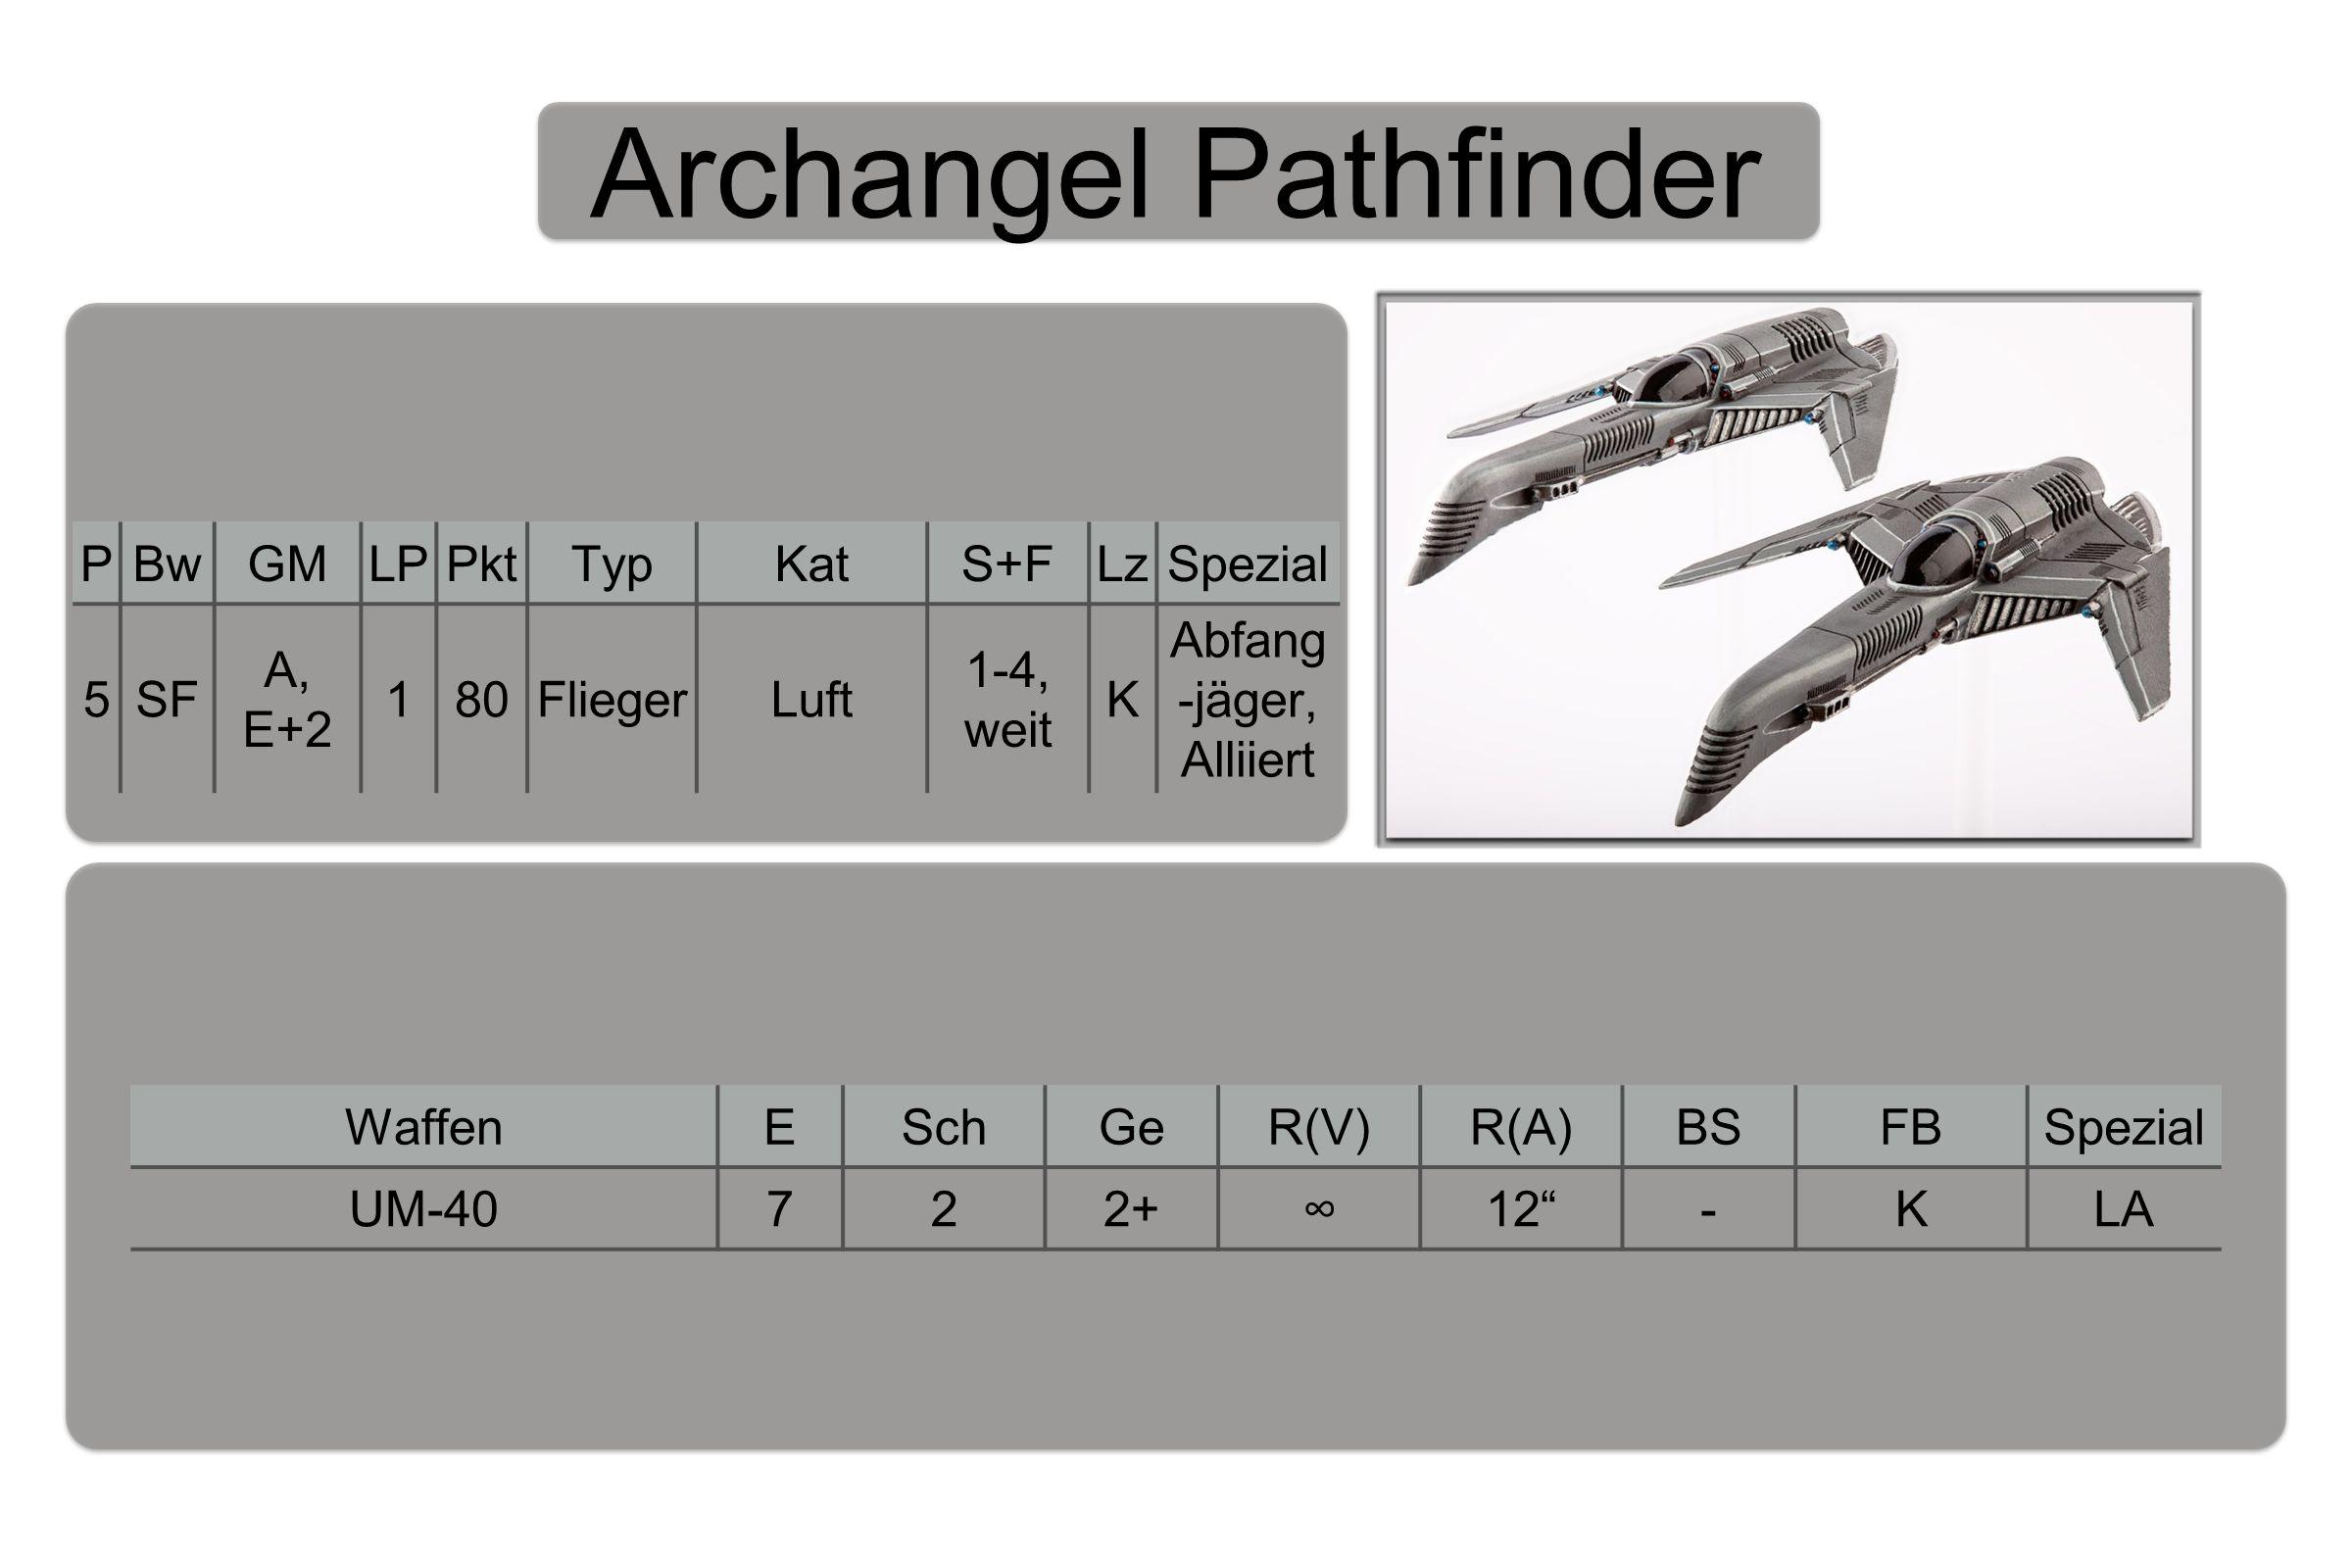 Archangel Pathfinder P BwGMLPPktTypKatS+FLzSpezial 5 SF A, E+2 180FliegerLuft 1-4, weit K Abfang -jäger, Alliiert WaffenESchGeR(V)R(A)BSFBSpezial UM-40722+∞12 -KLA